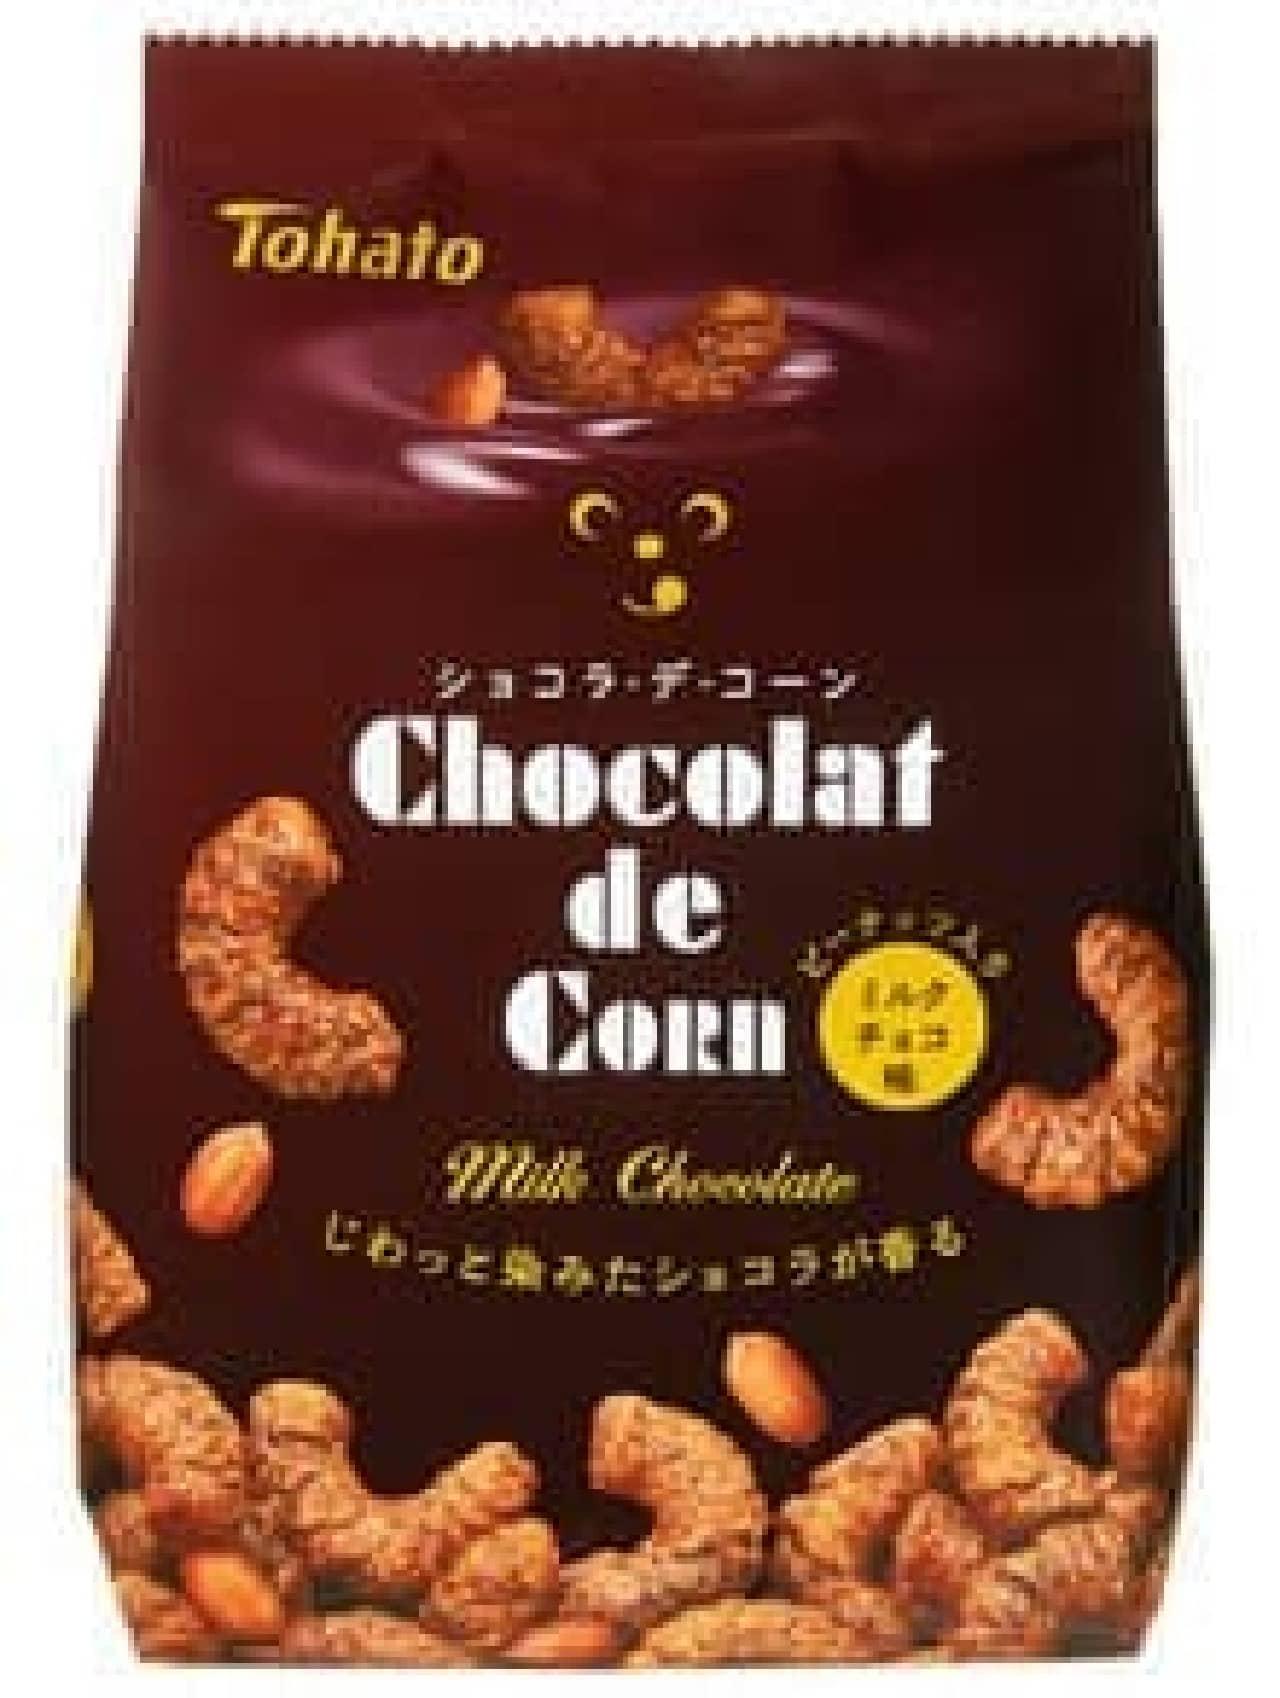 大人向けの味わいとパッケージの「ショコラ・デ・コーン・ミルクチョコ味」